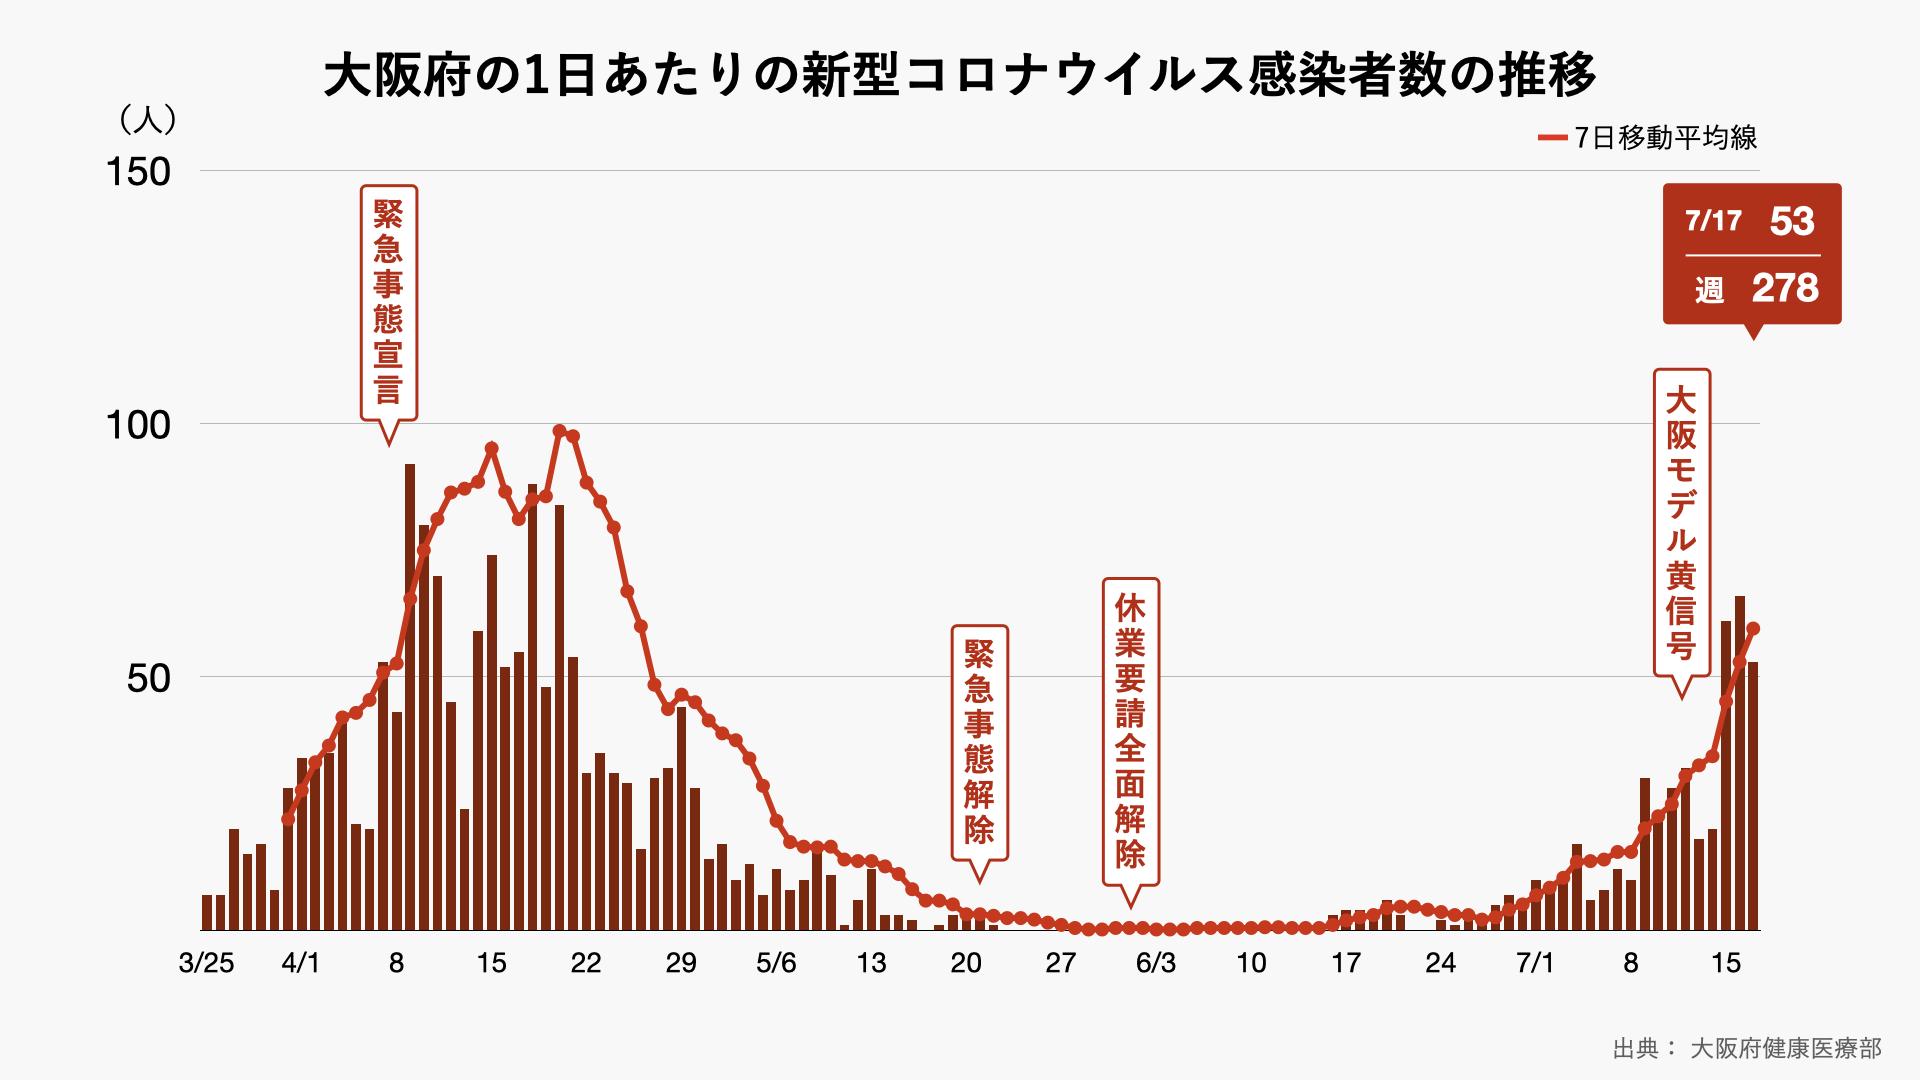 今日 の 大阪 コロナ ウイルス 感染 者 数 新型コロナウイルス...